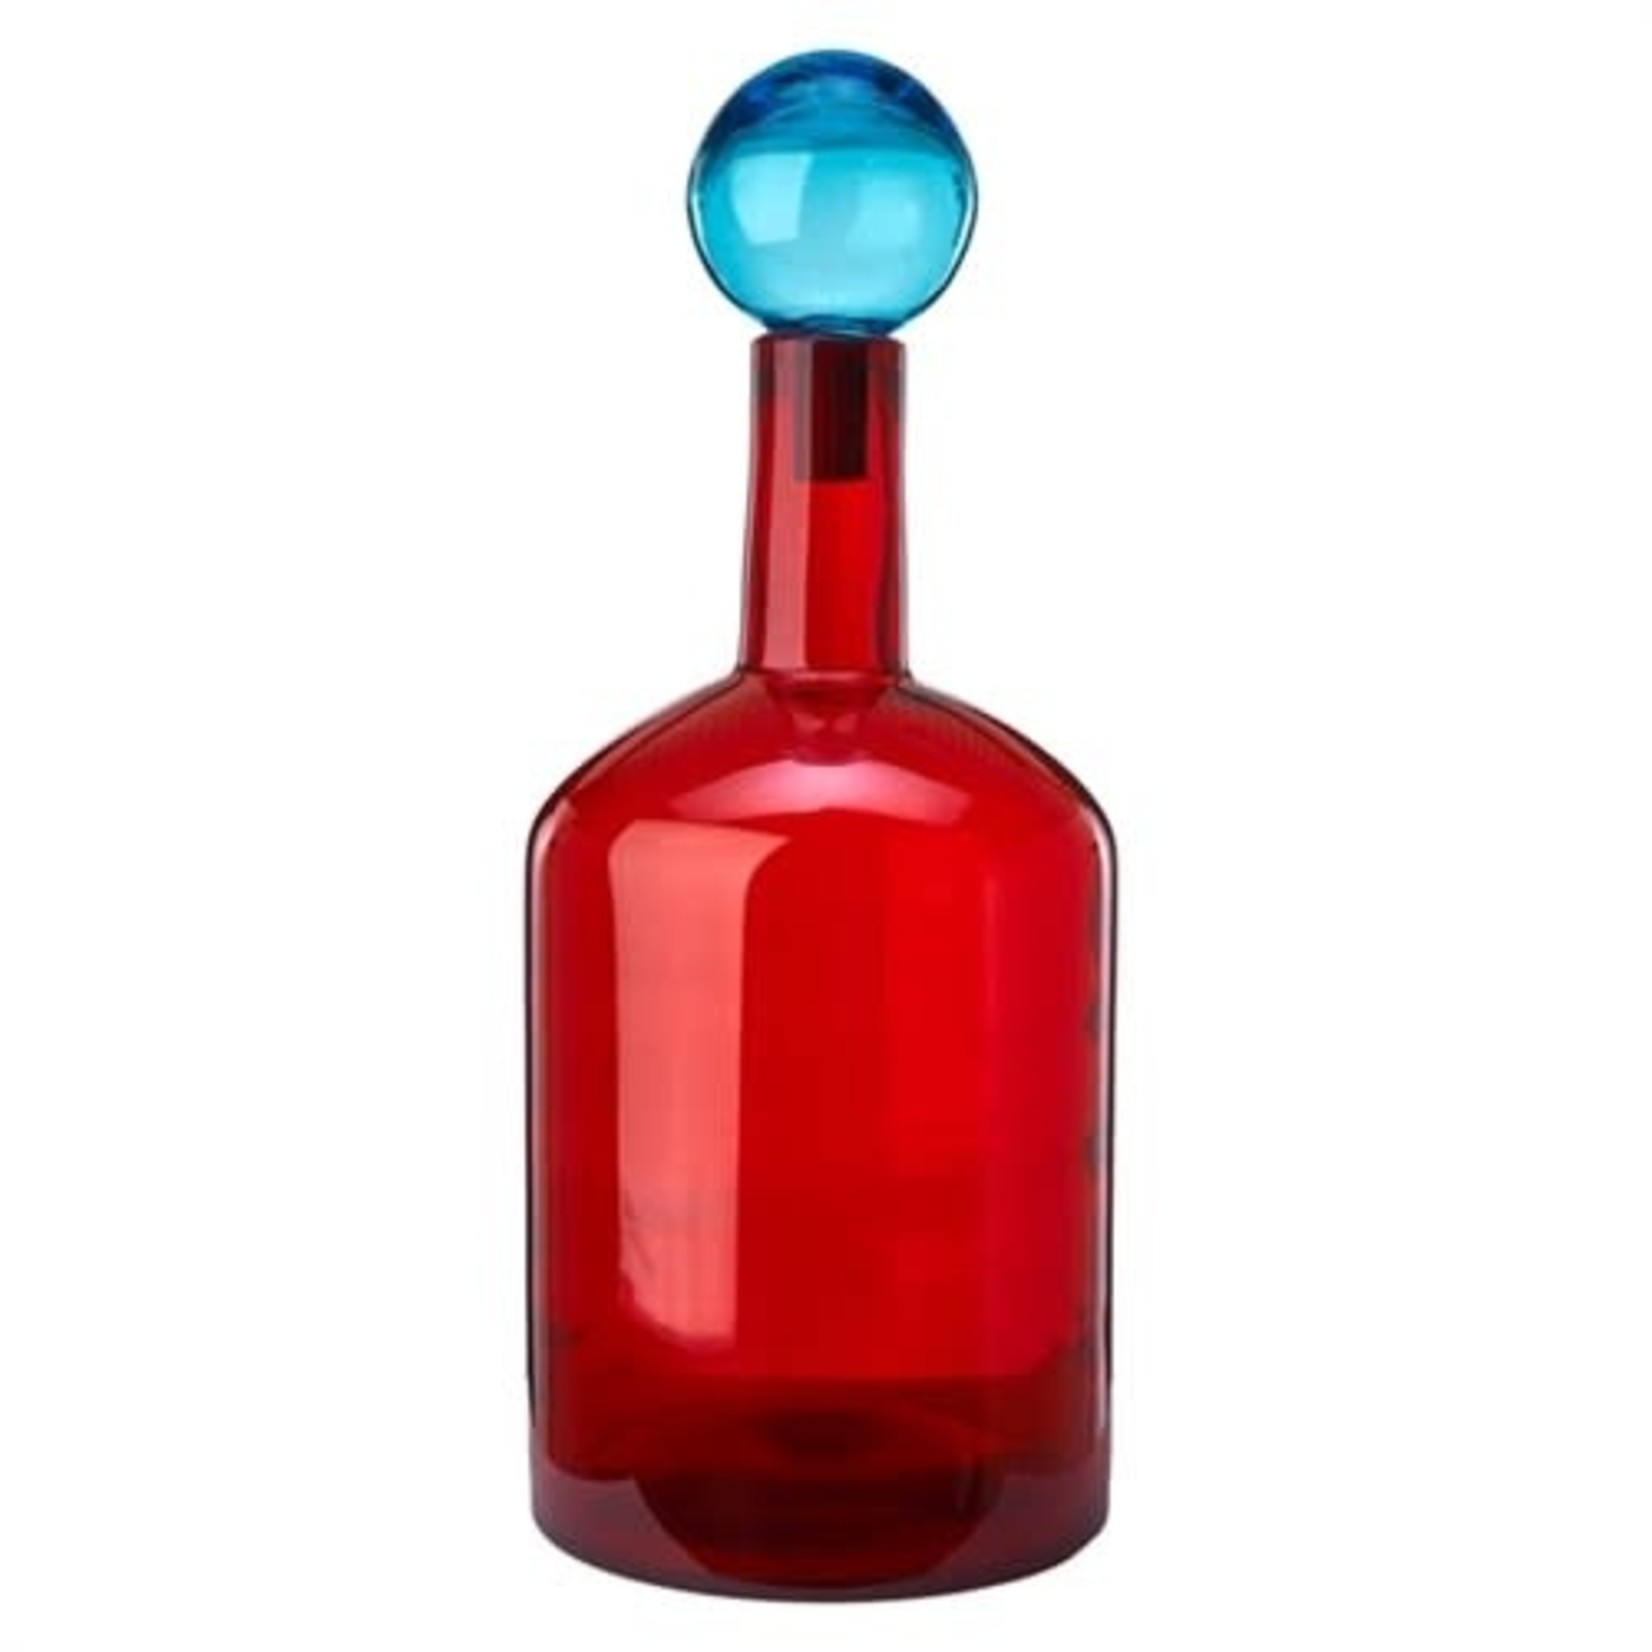 Pols Potten Bubbles & Bottles